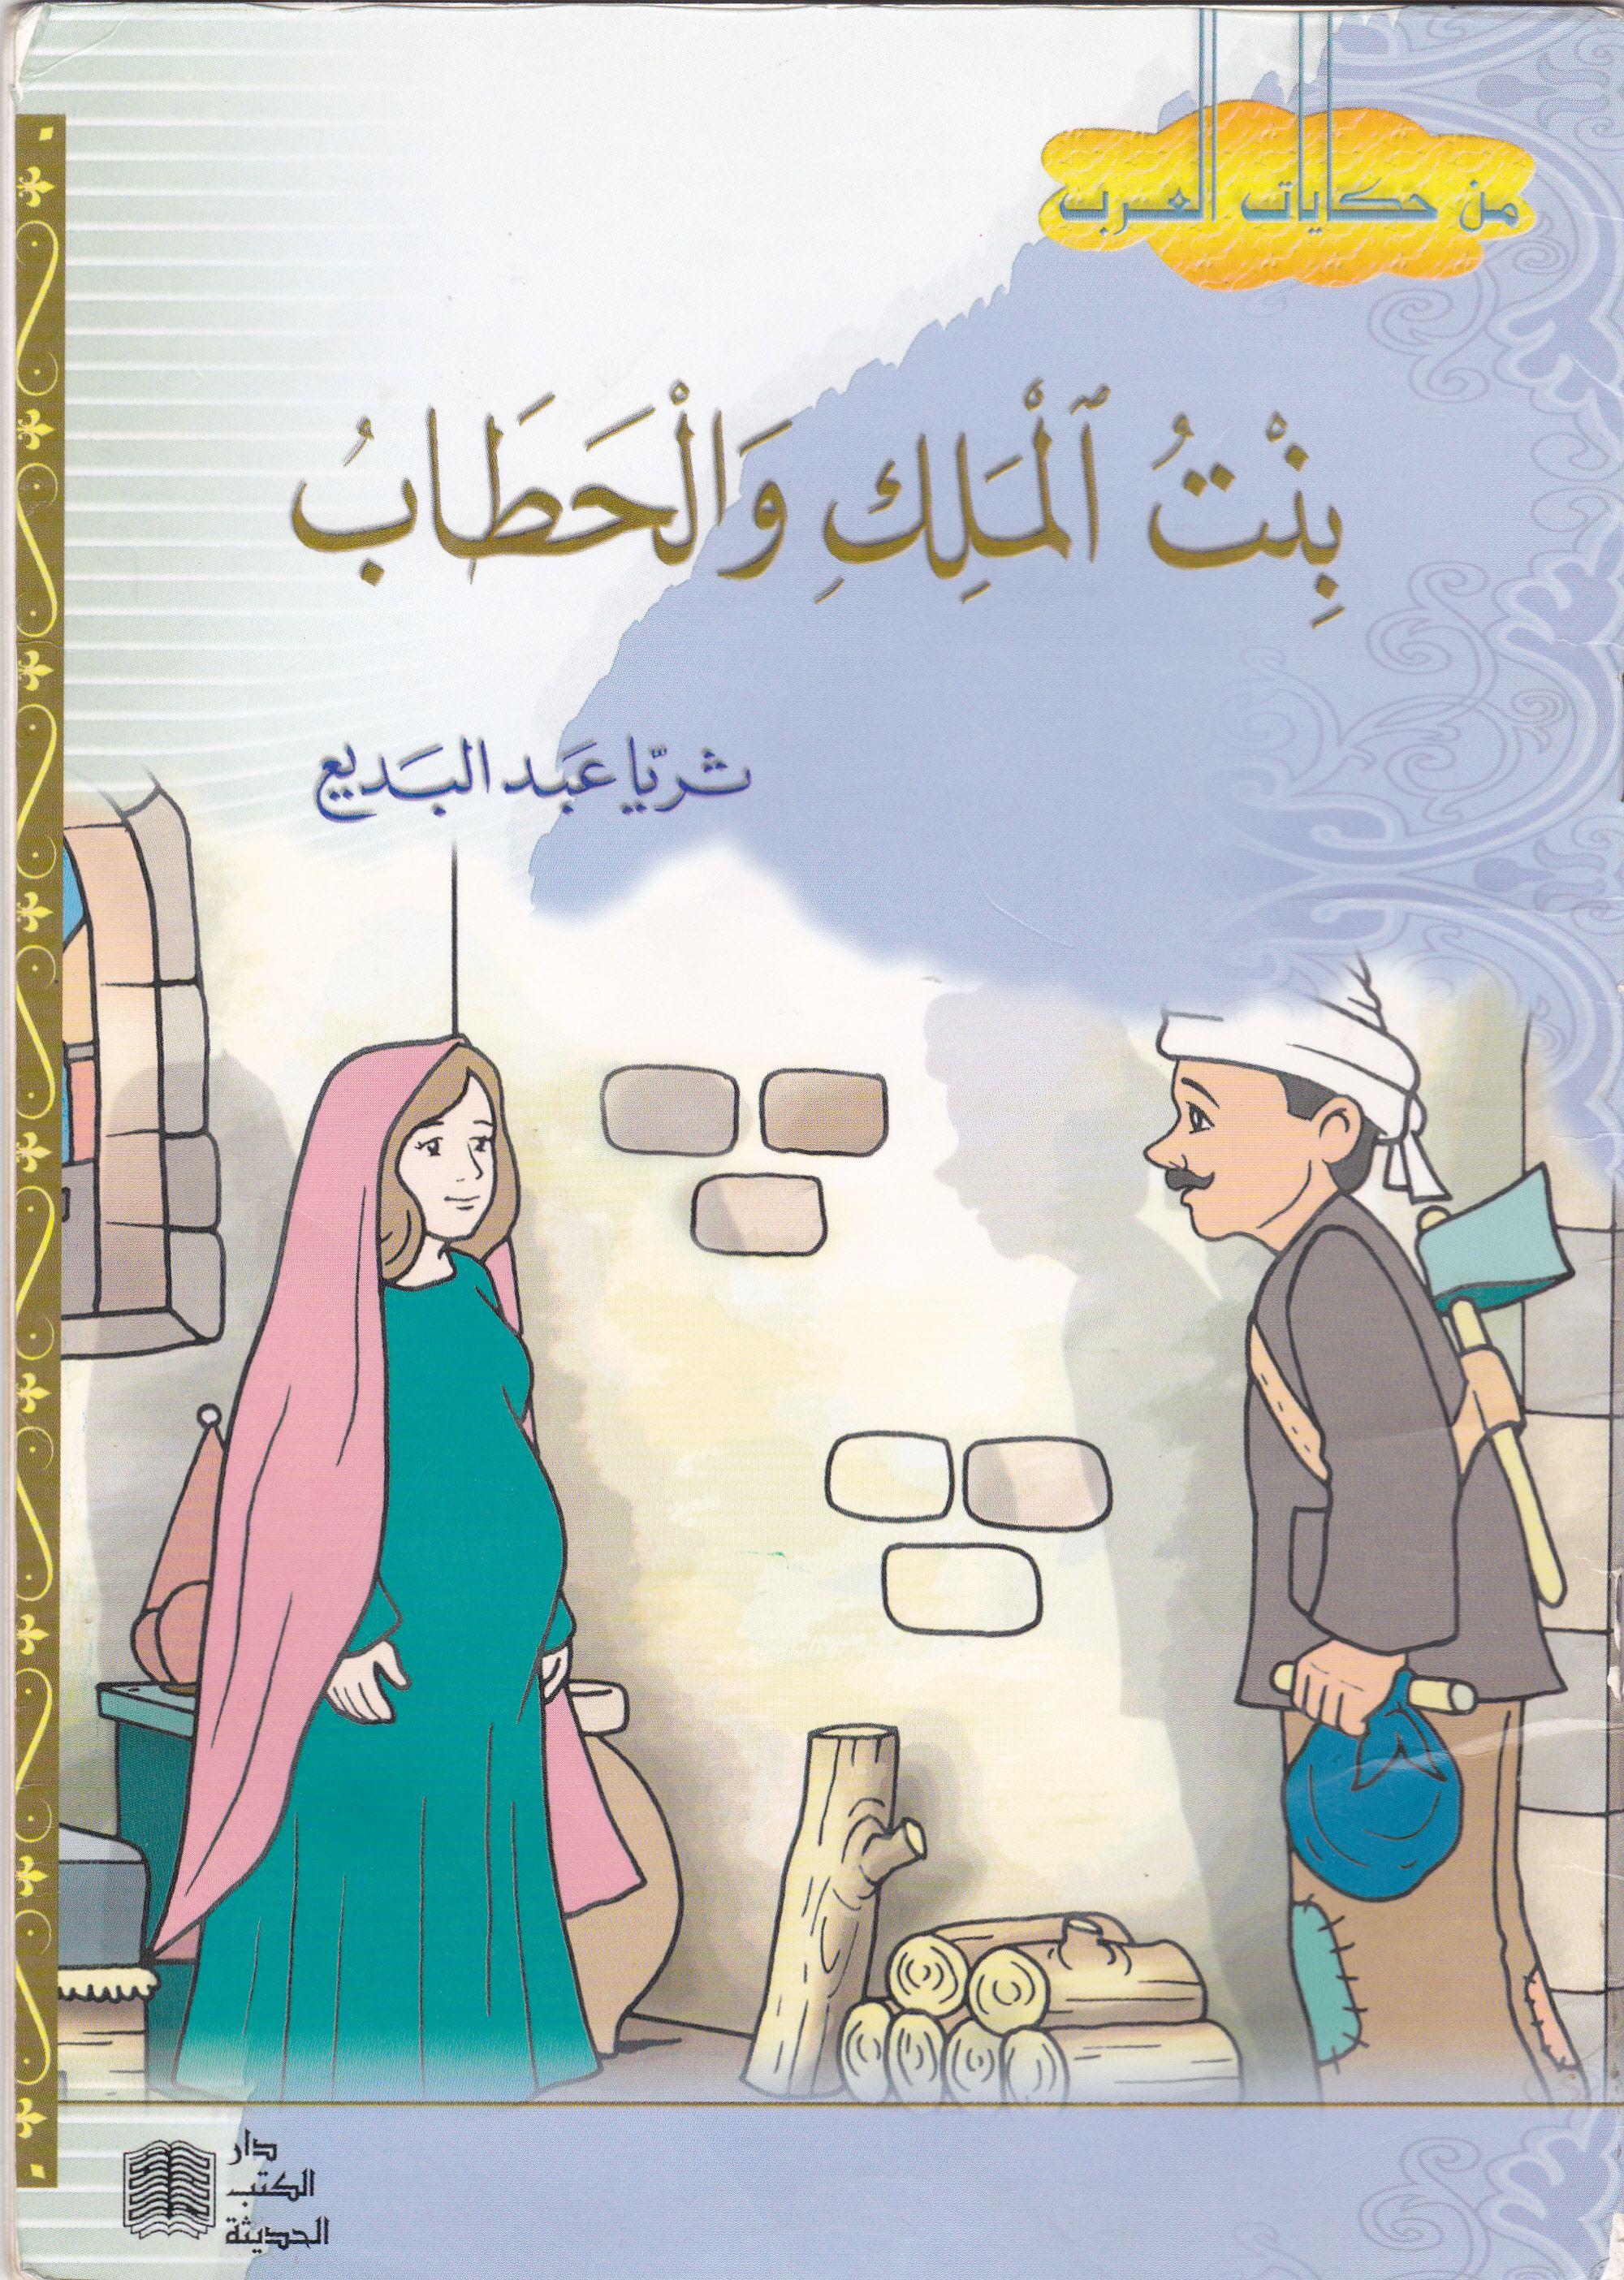 قصة بنت الملك و الحطاب سلسلة من حكايات العرب Kids Story Books Free Stories For Kids Childrens Stories